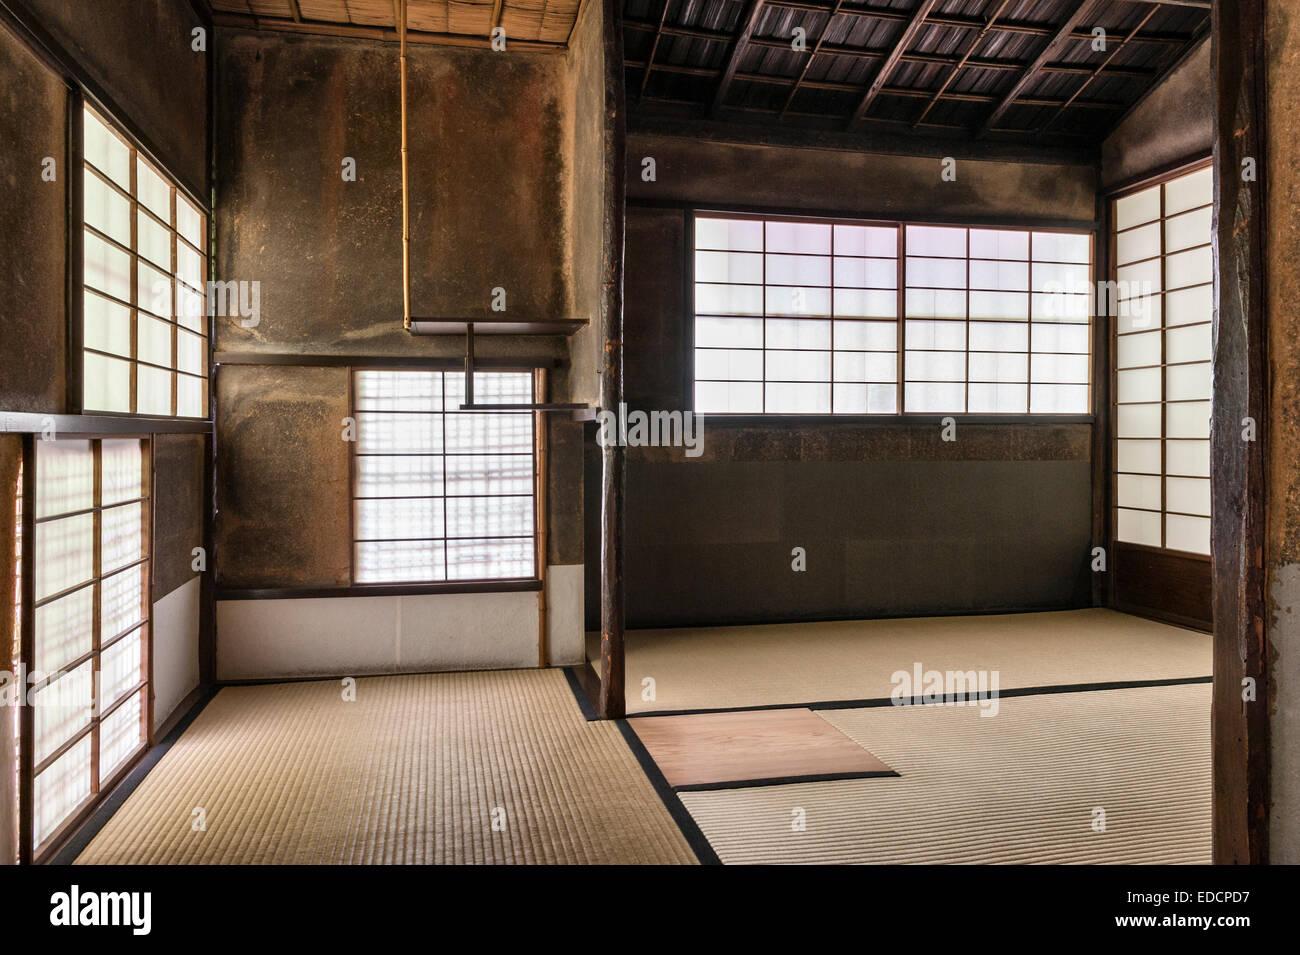 Shinju-an zen temple, Daitoku-ji, Kyoto, Japan. The Tei'gyoku-ken tea room - Stock Image